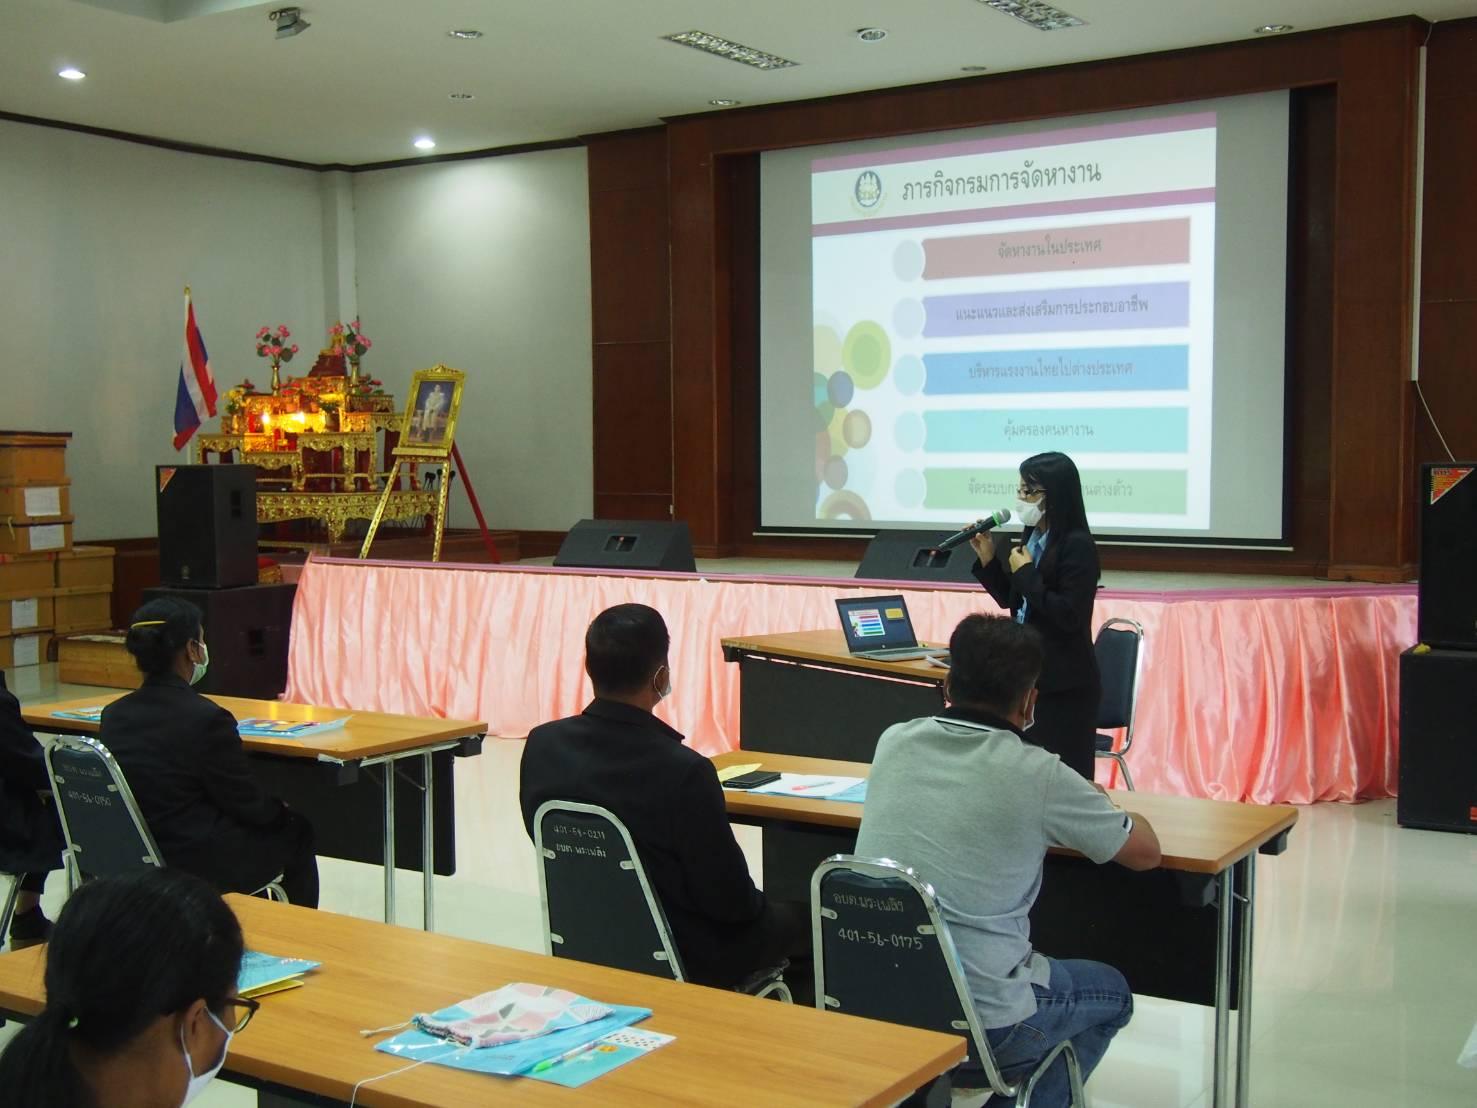 บรรยายให้ความรู้ในหัวข้อกฎหมายแรงงานระหว่างประเทศ